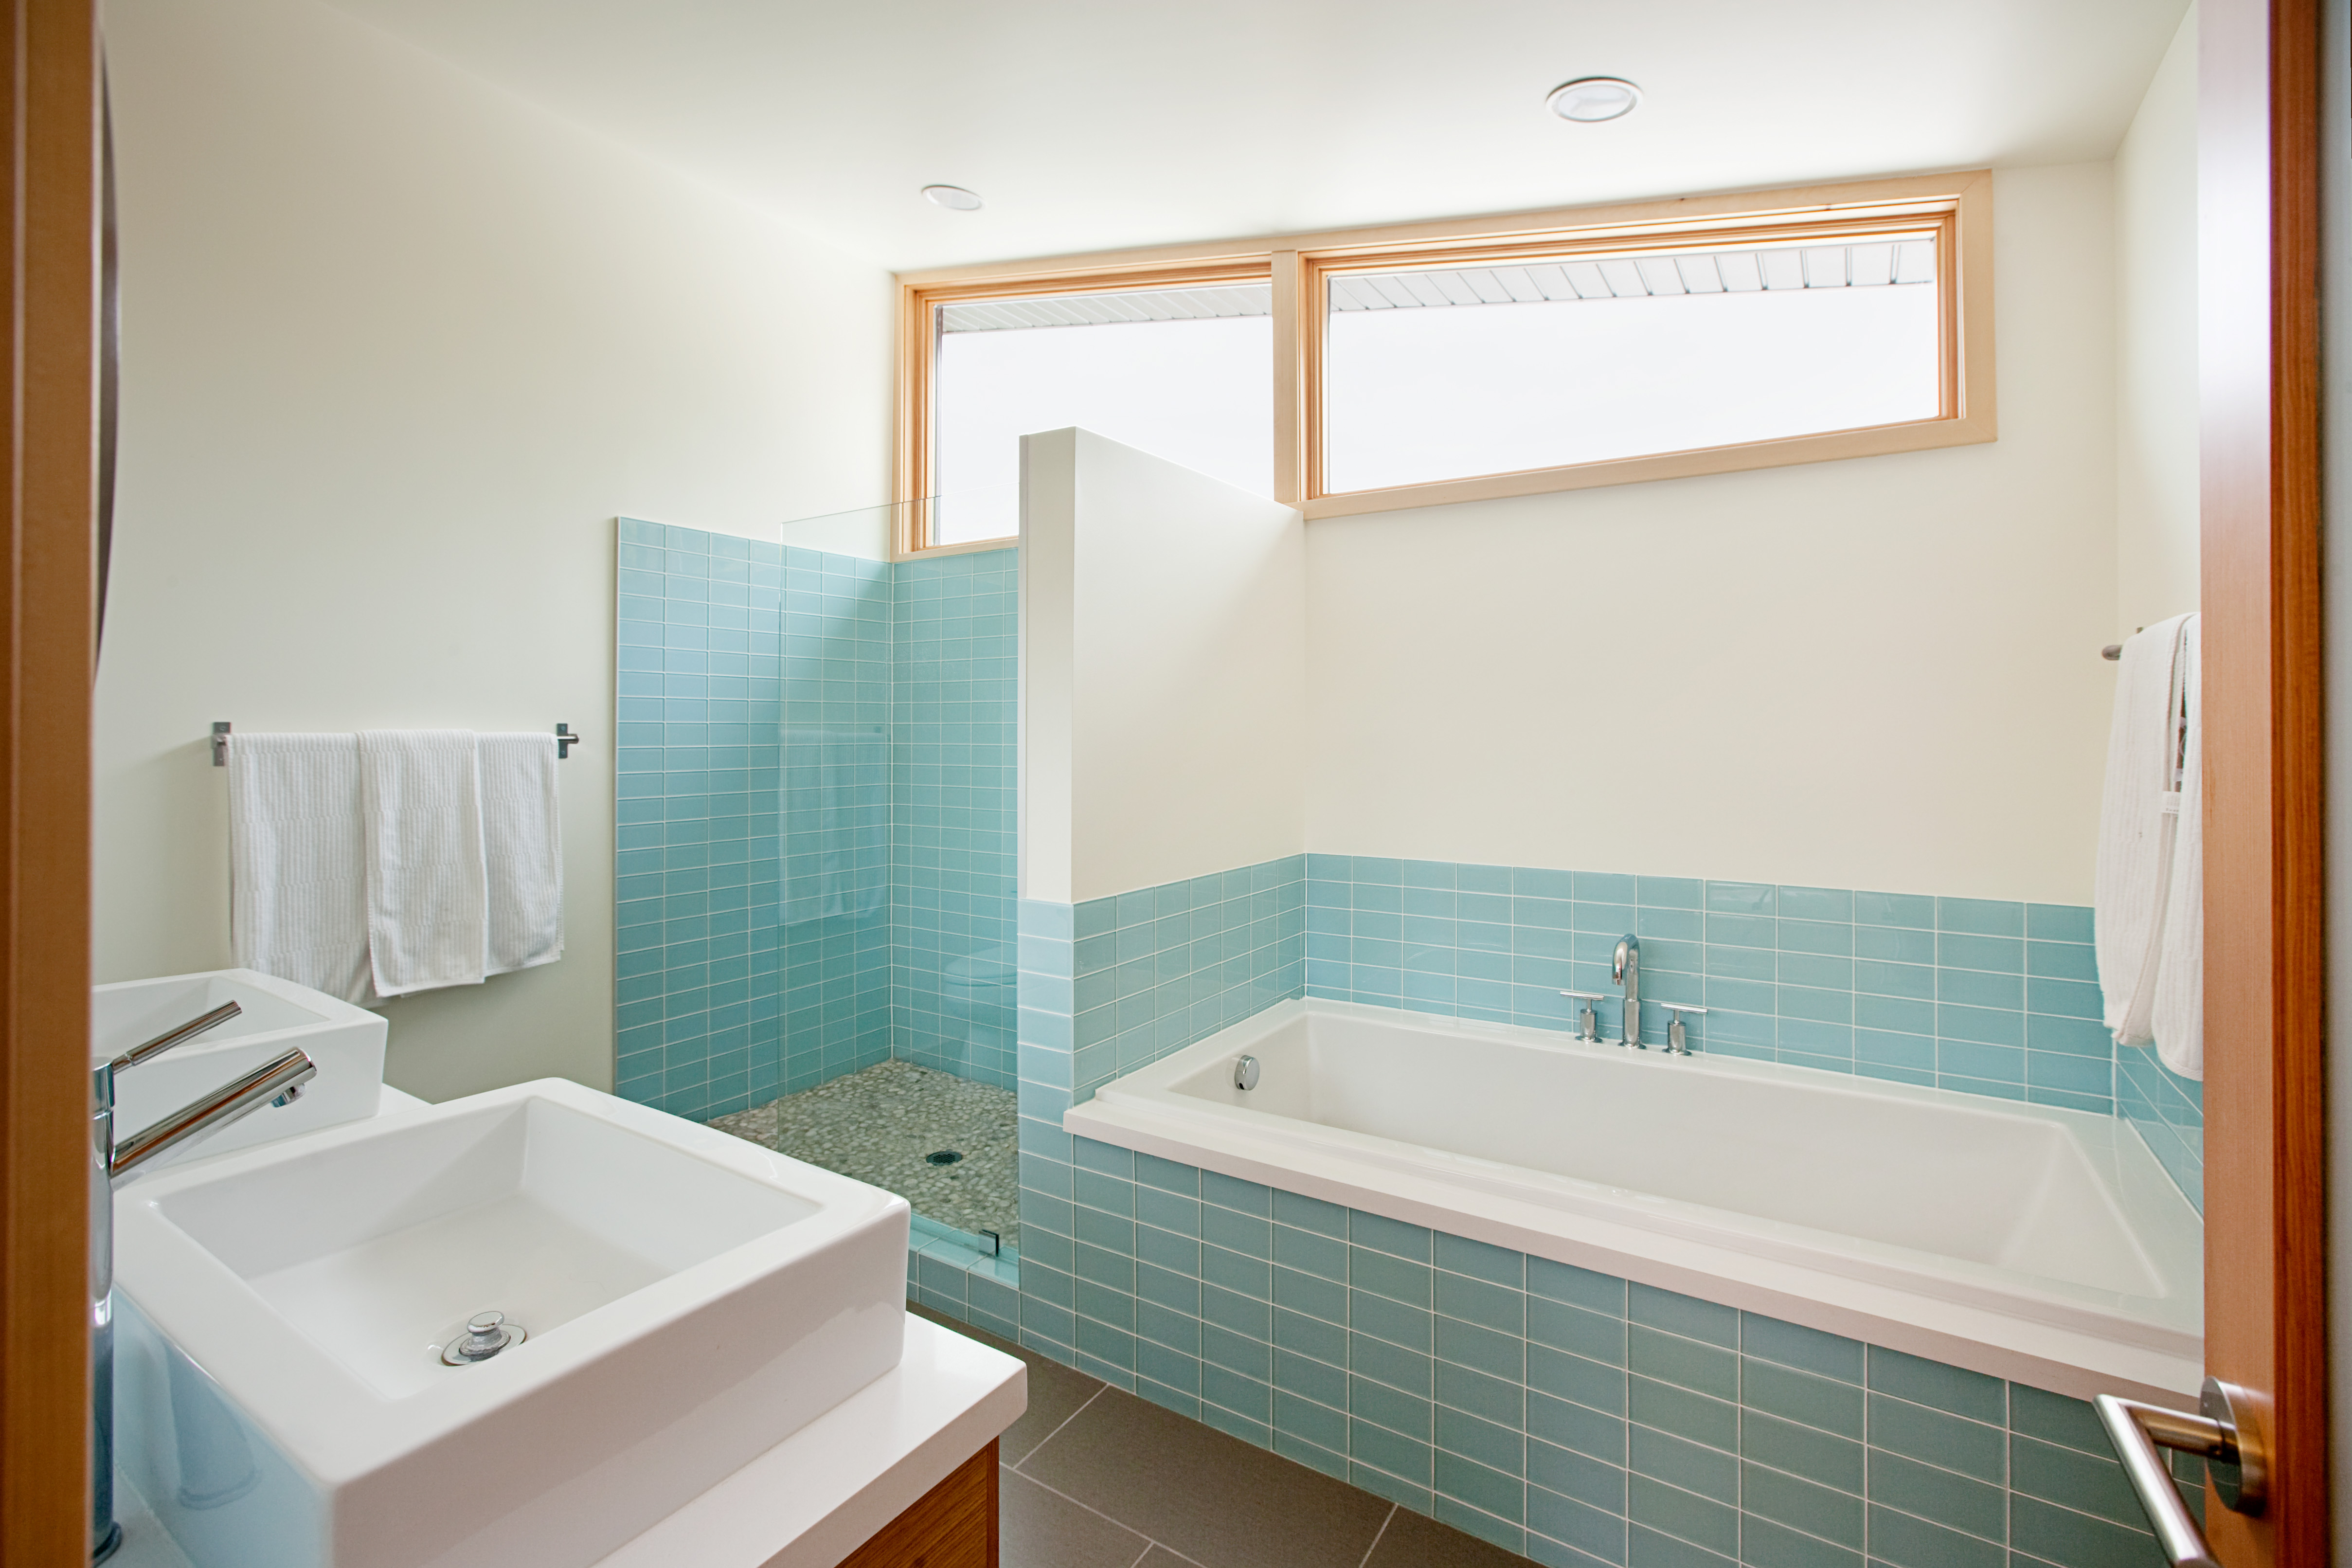 Bathroom Unique Small Bathroom Designs Bathroom Designs: 35 фото красивого интерьера. Как